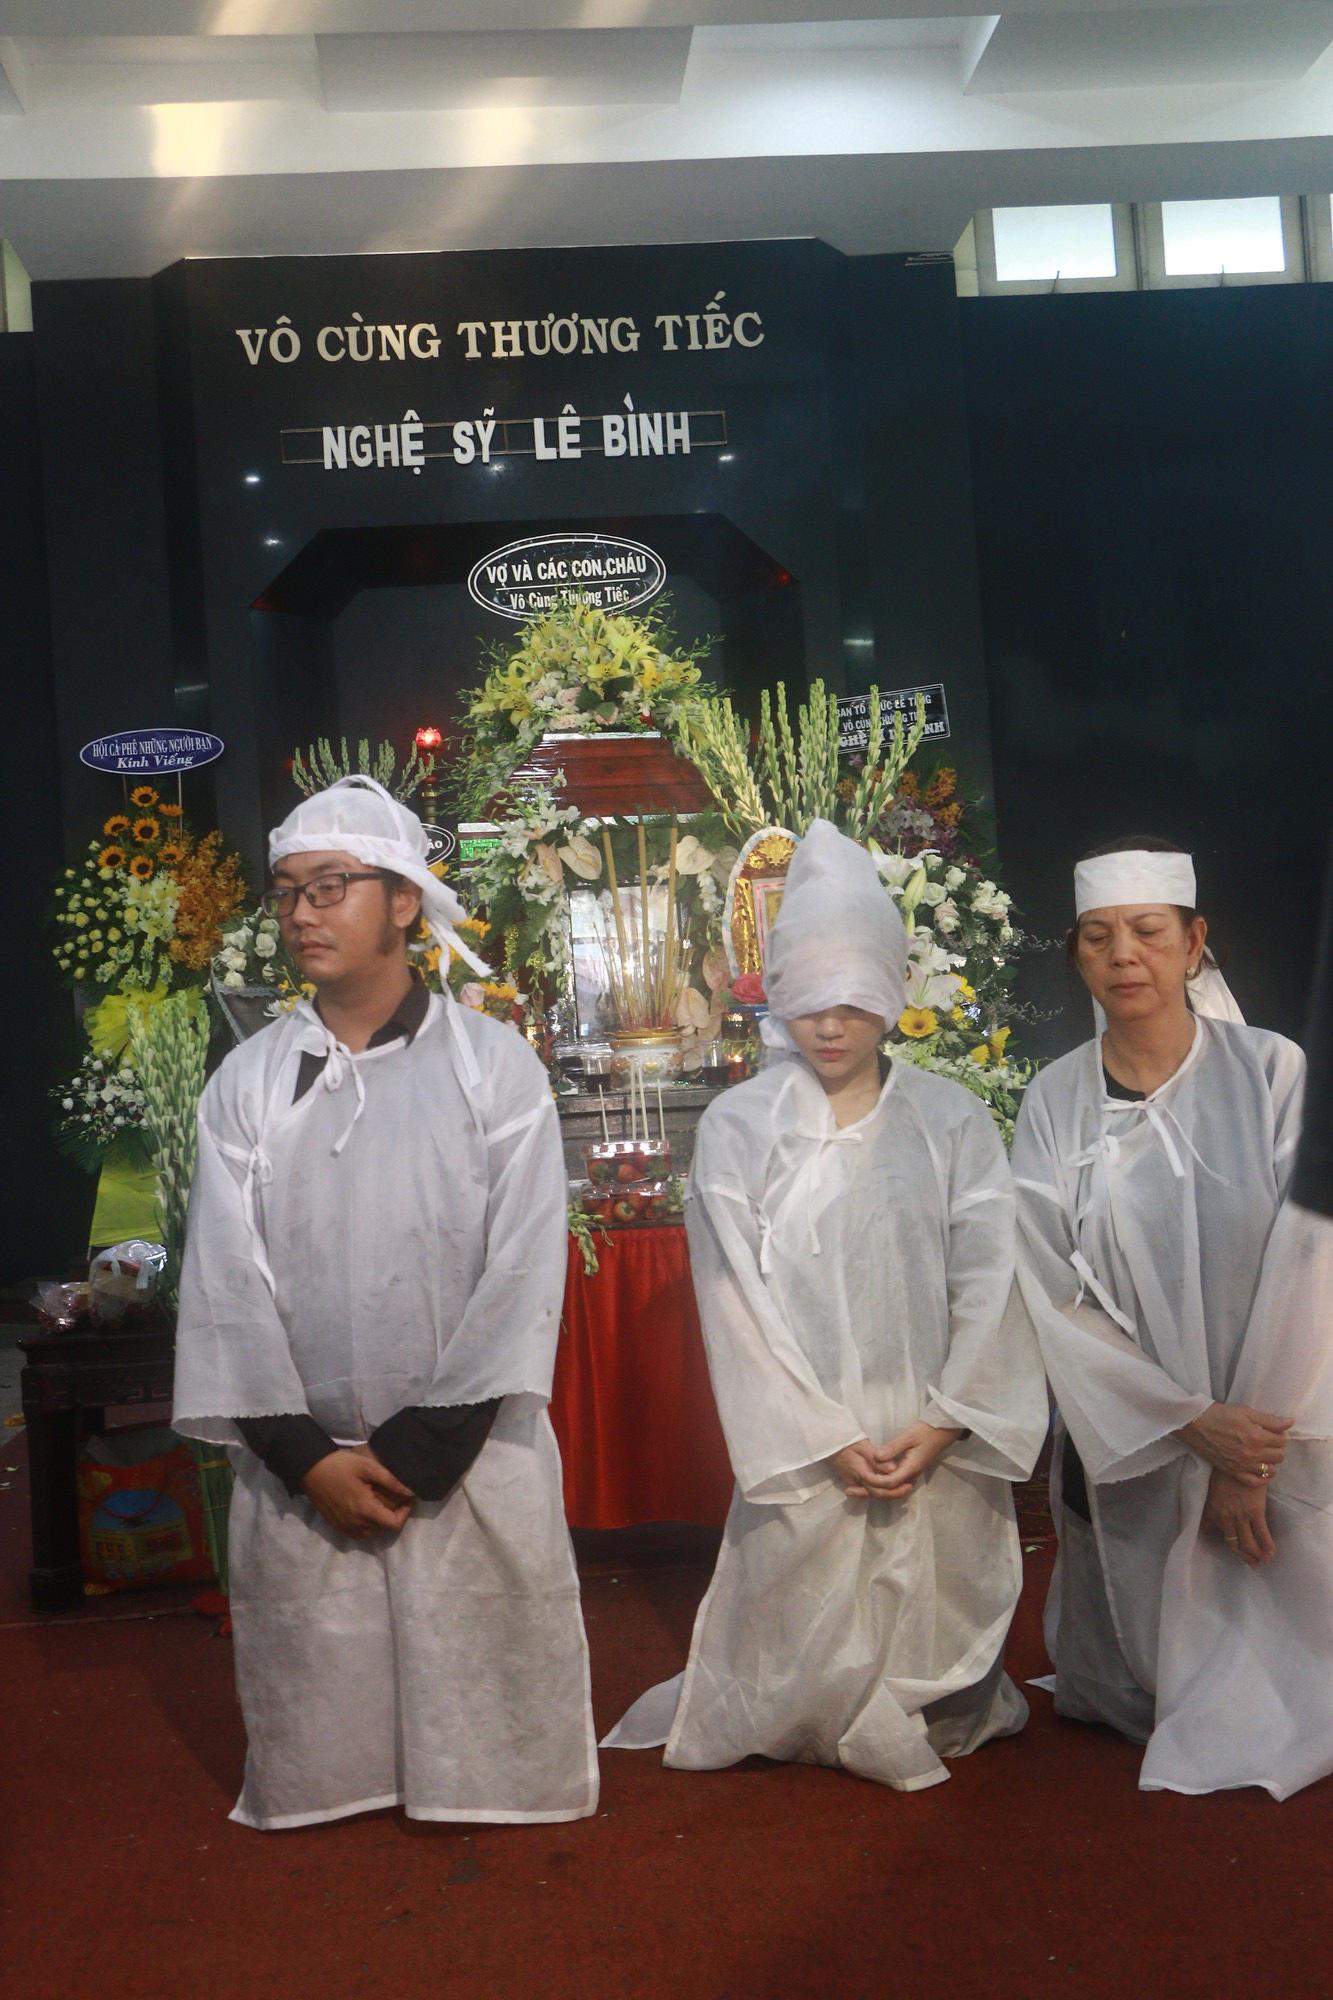 Con gái Lê Bình suy sụp, thất thần trong lễ động quan đưa thi hài cha về nơi an nghỉ - Ảnh 2.